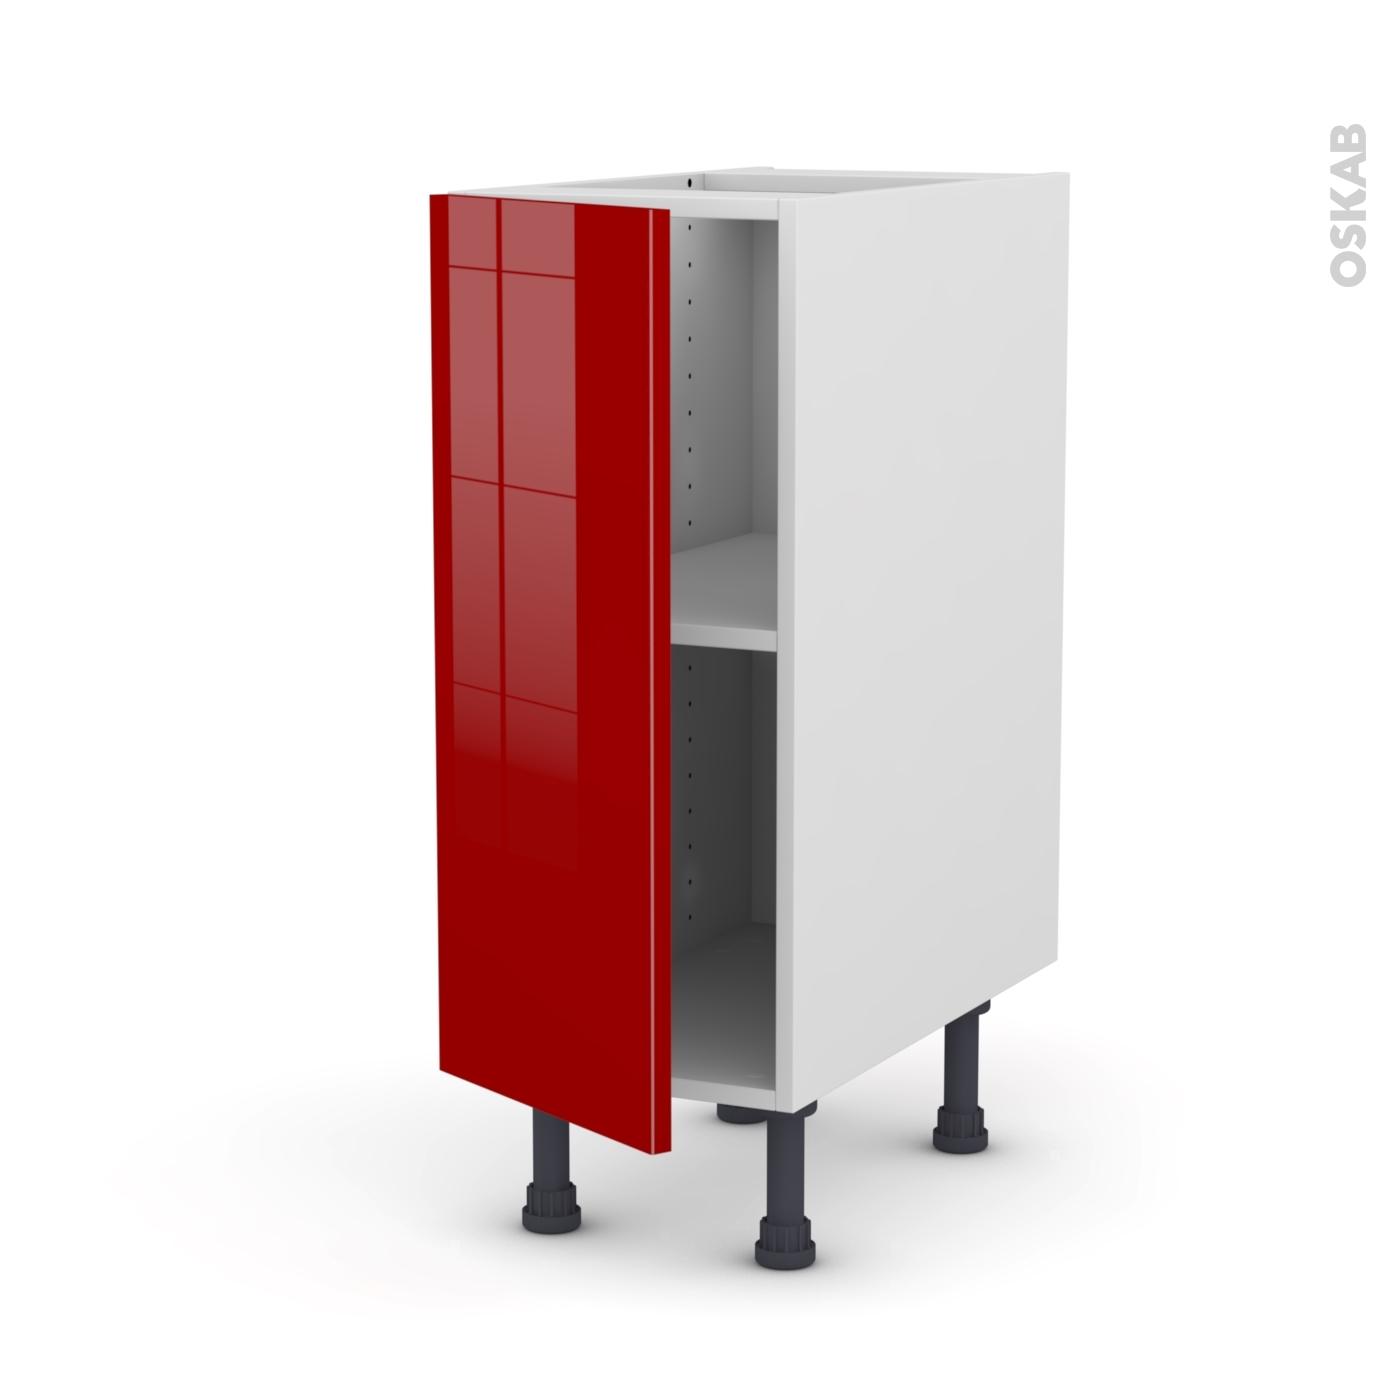 meuble bas cuisine ikea rouge tout sur la cuisine et le mobilier cuisine. Black Bedroom Furniture Sets. Home Design Ideas